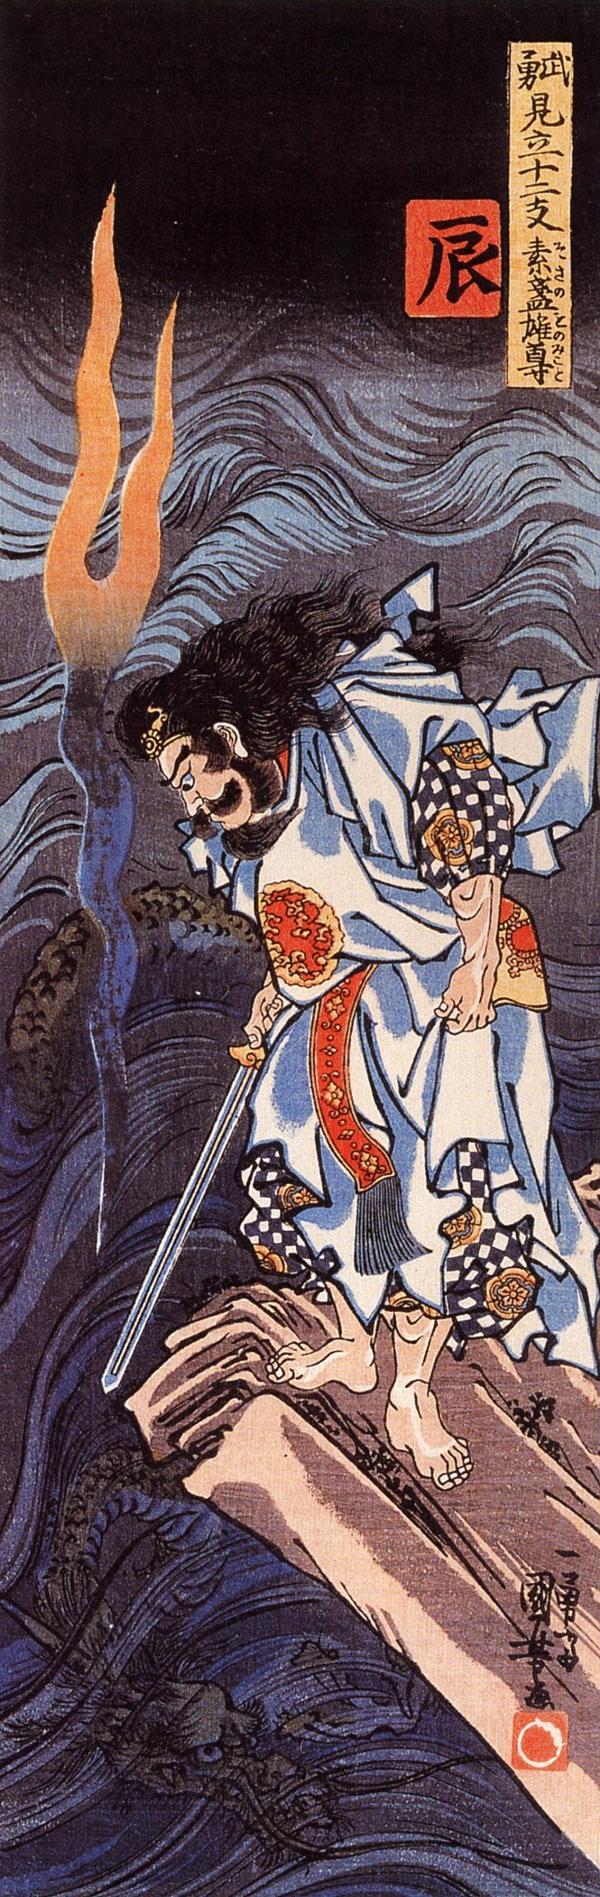 Huyền thoại quái vật rắn 8 đầu 8 đuôi ở Nhật Bản 6